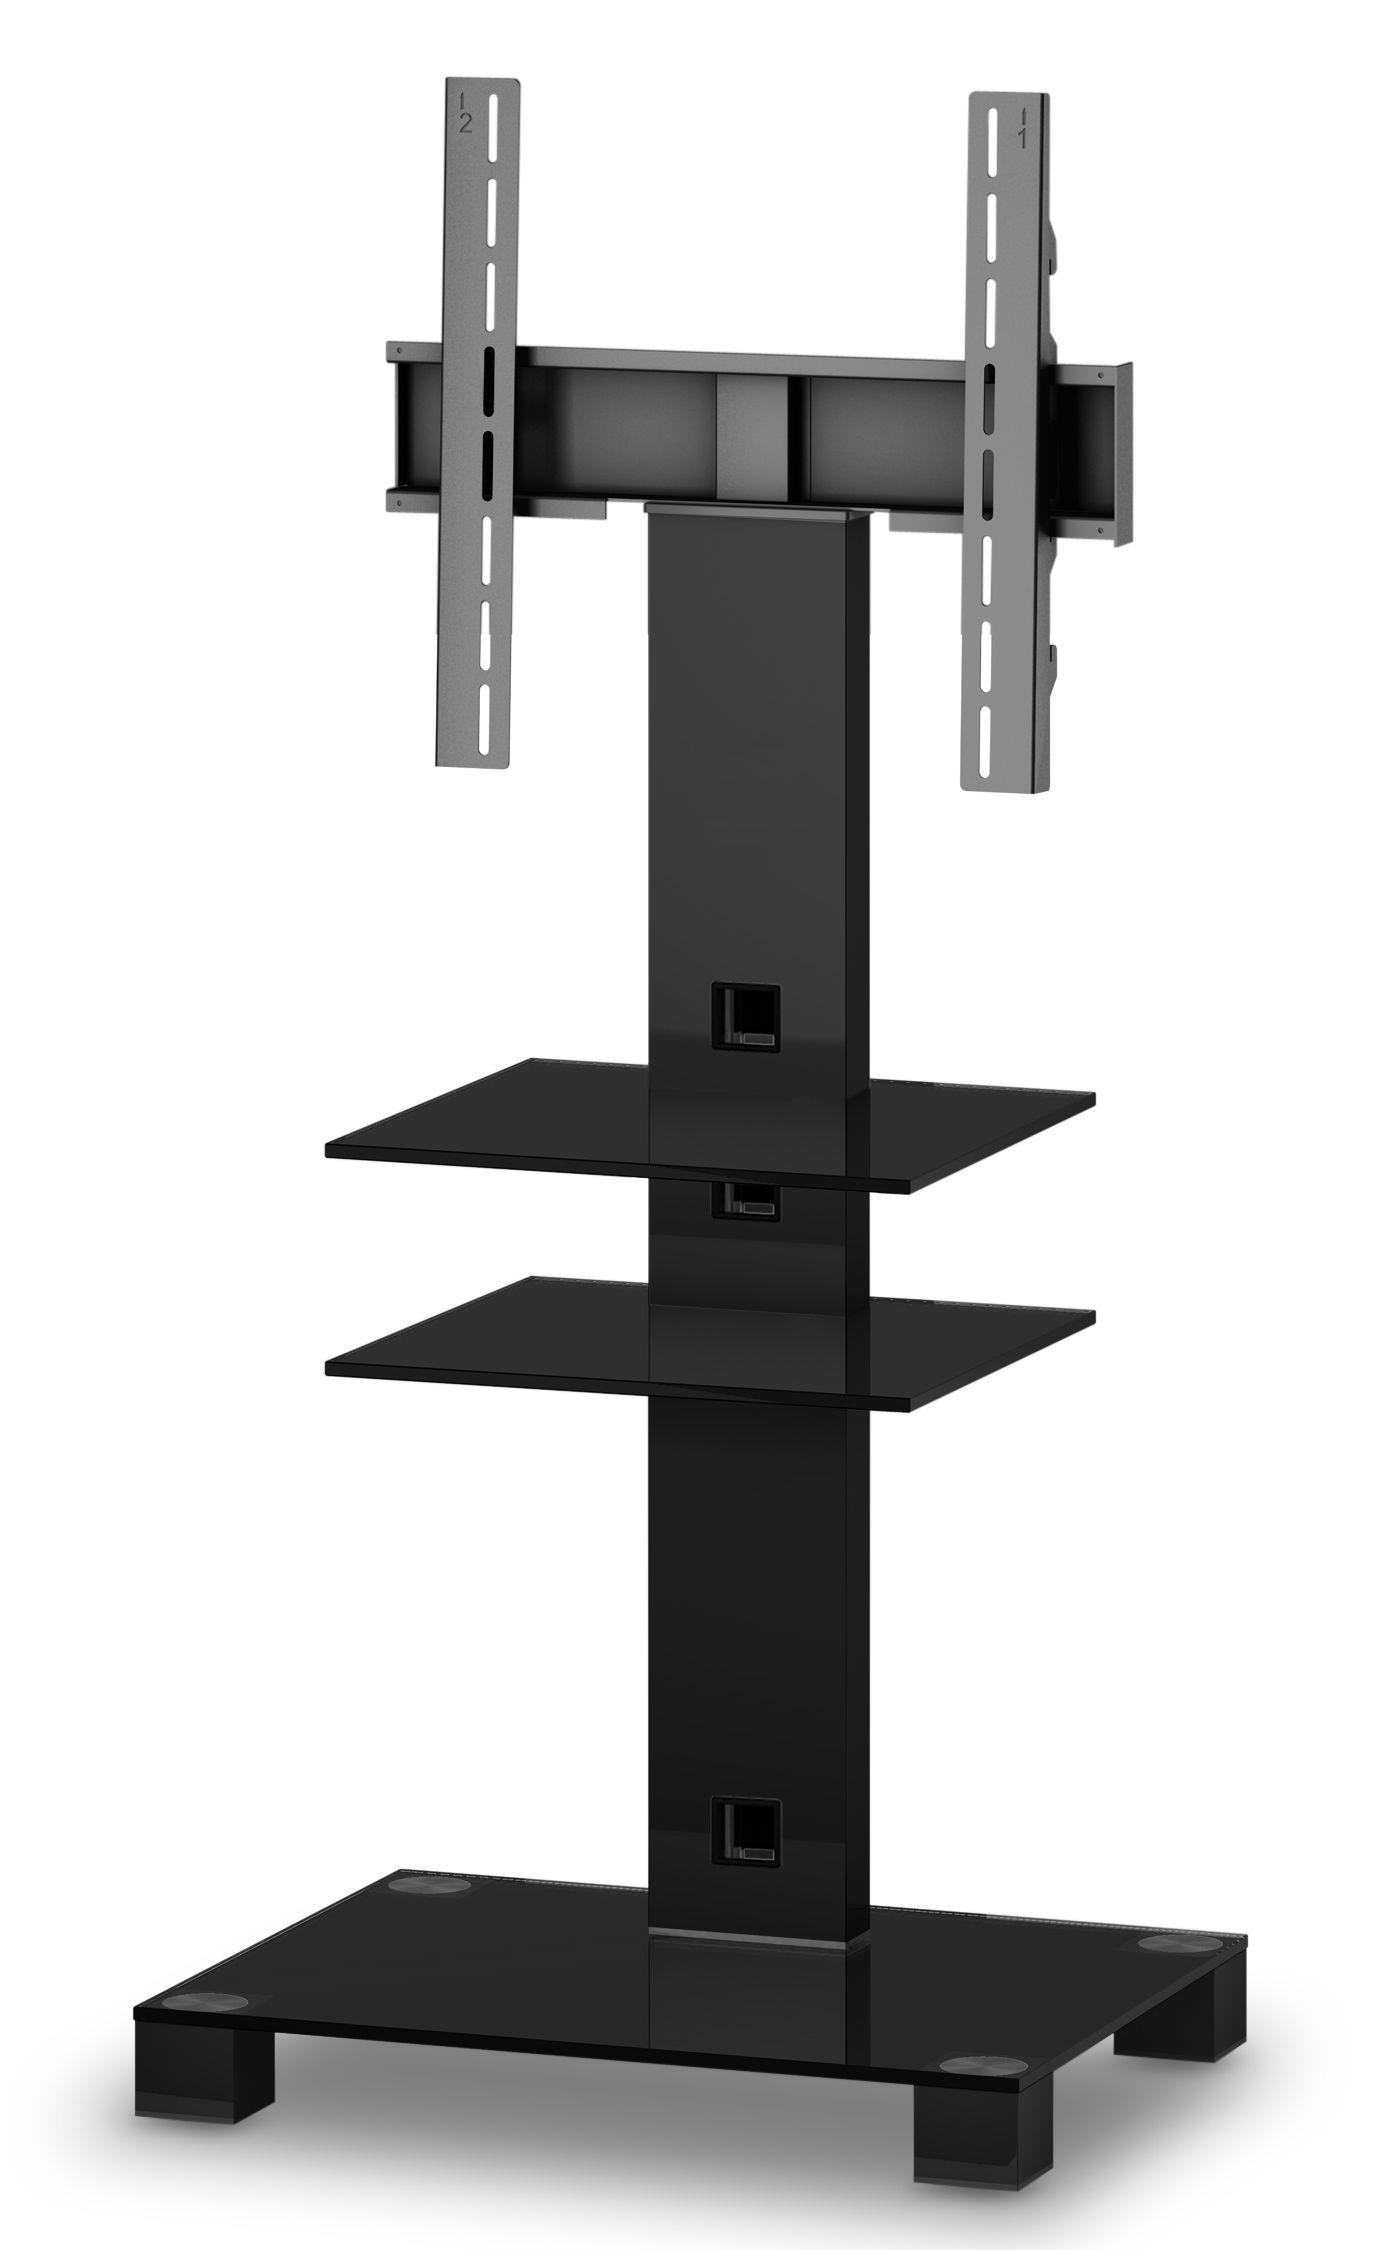 elbe pl 2525 b hblk mueble soporte para televisi n